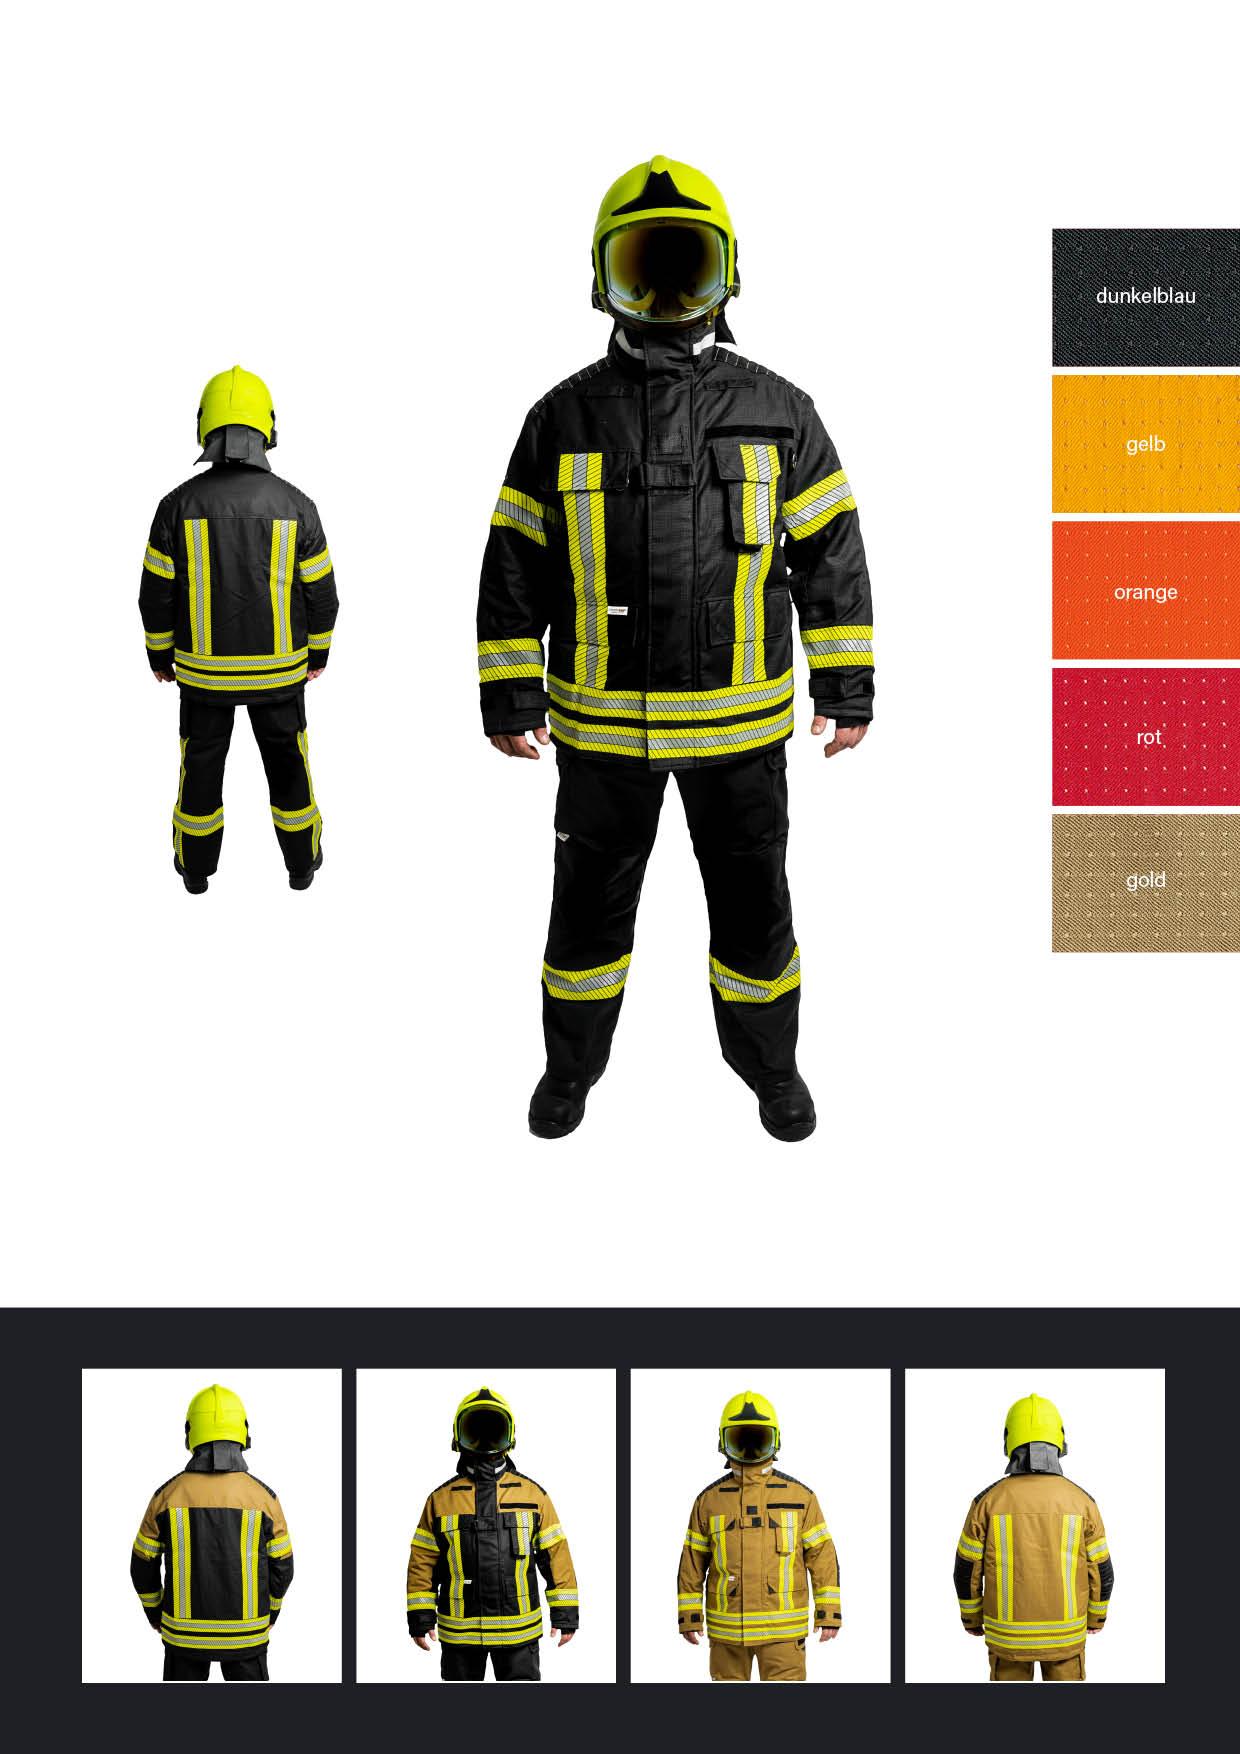 _seamtex-Feuerwehrkleidung-D_S_9